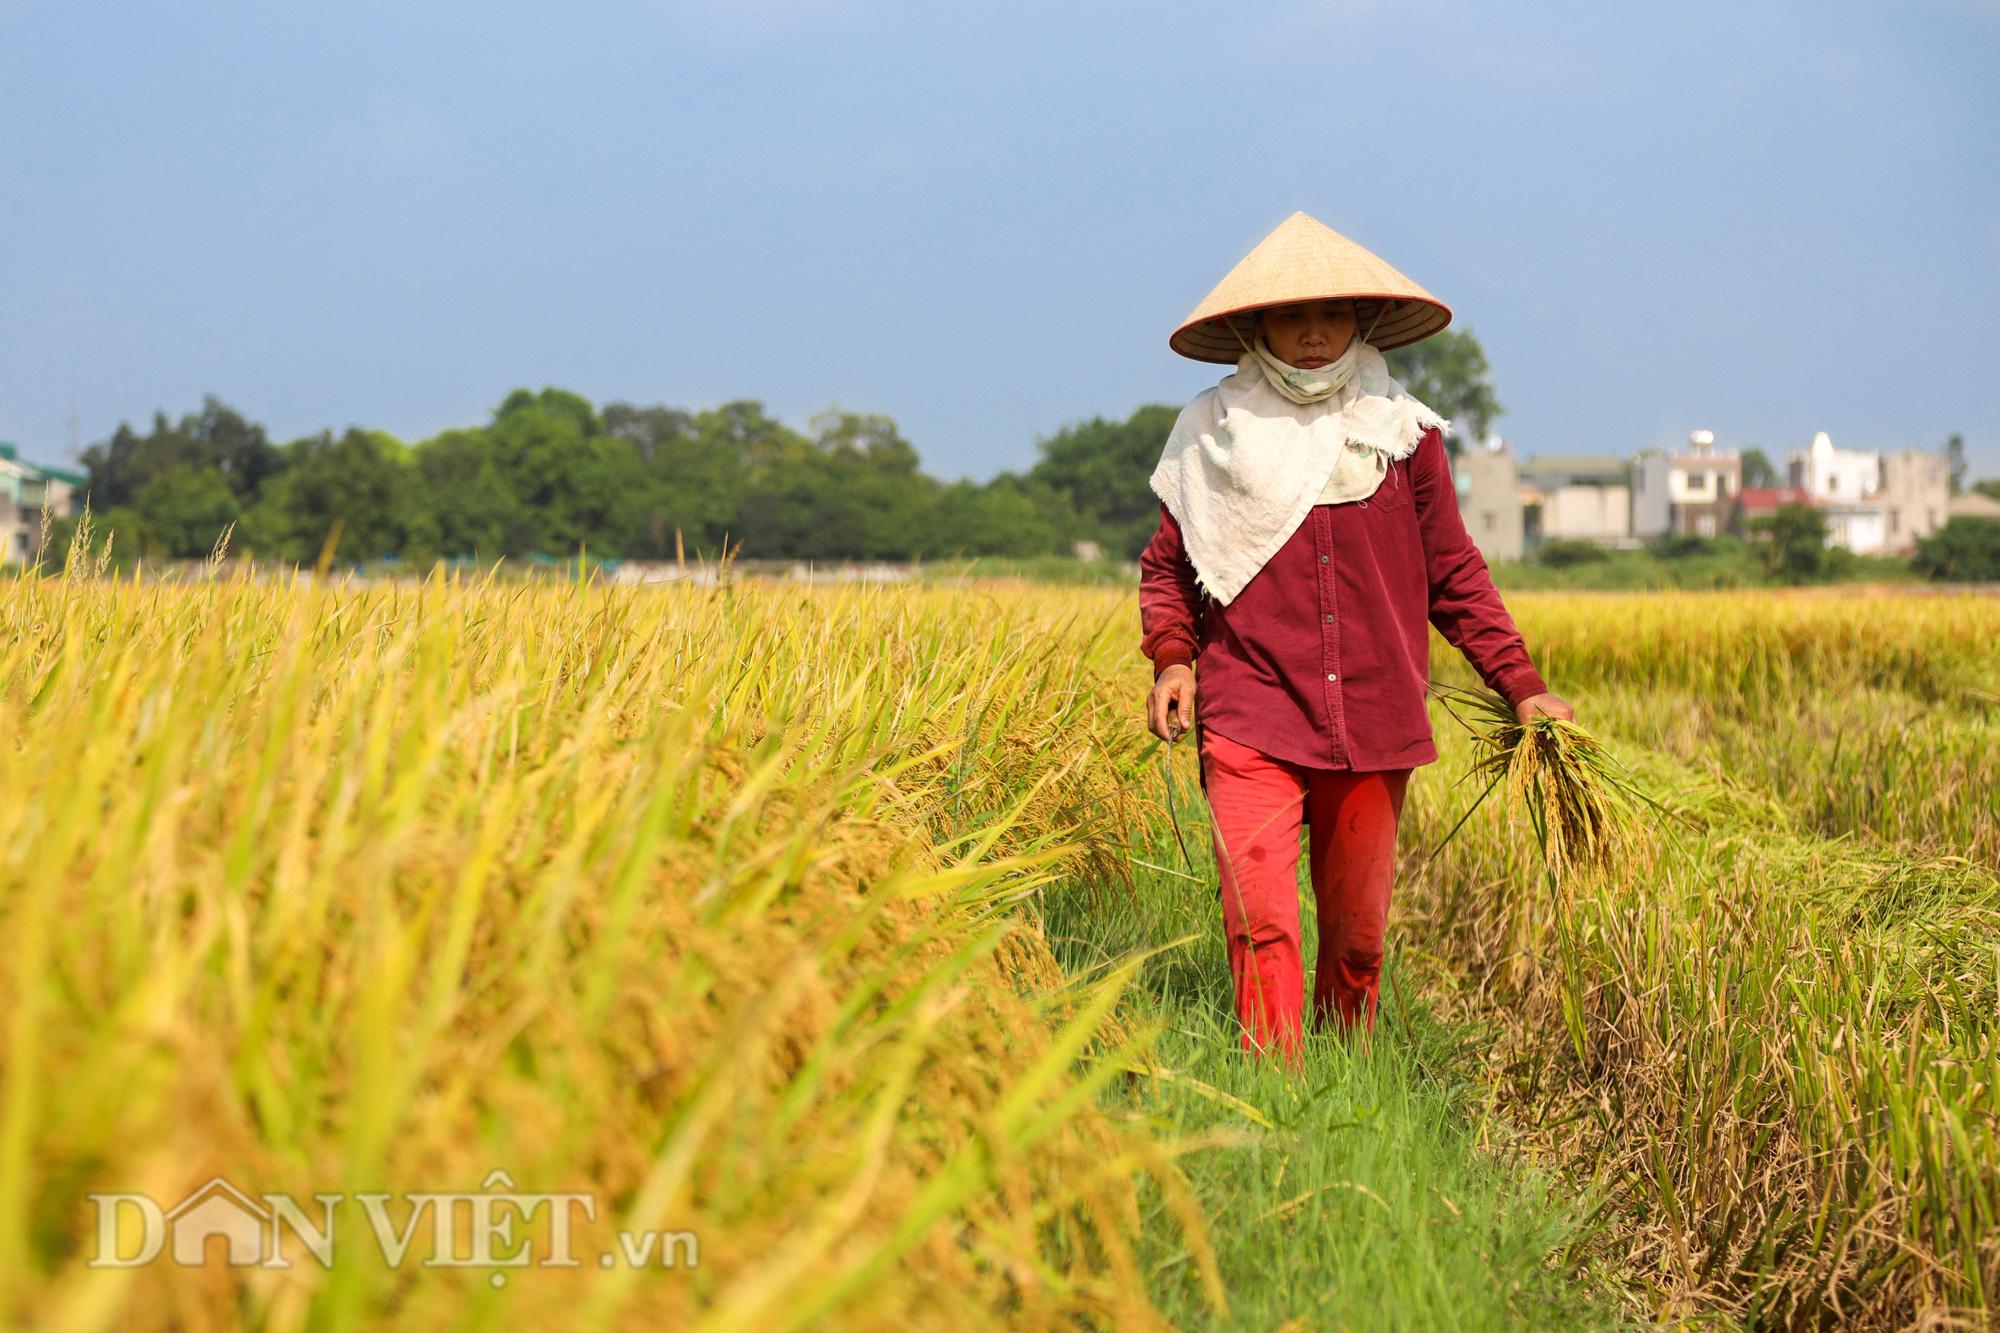 Nông dân Hà Nội đội nắng đón vụ mùa bội thu - Ảnh 4.